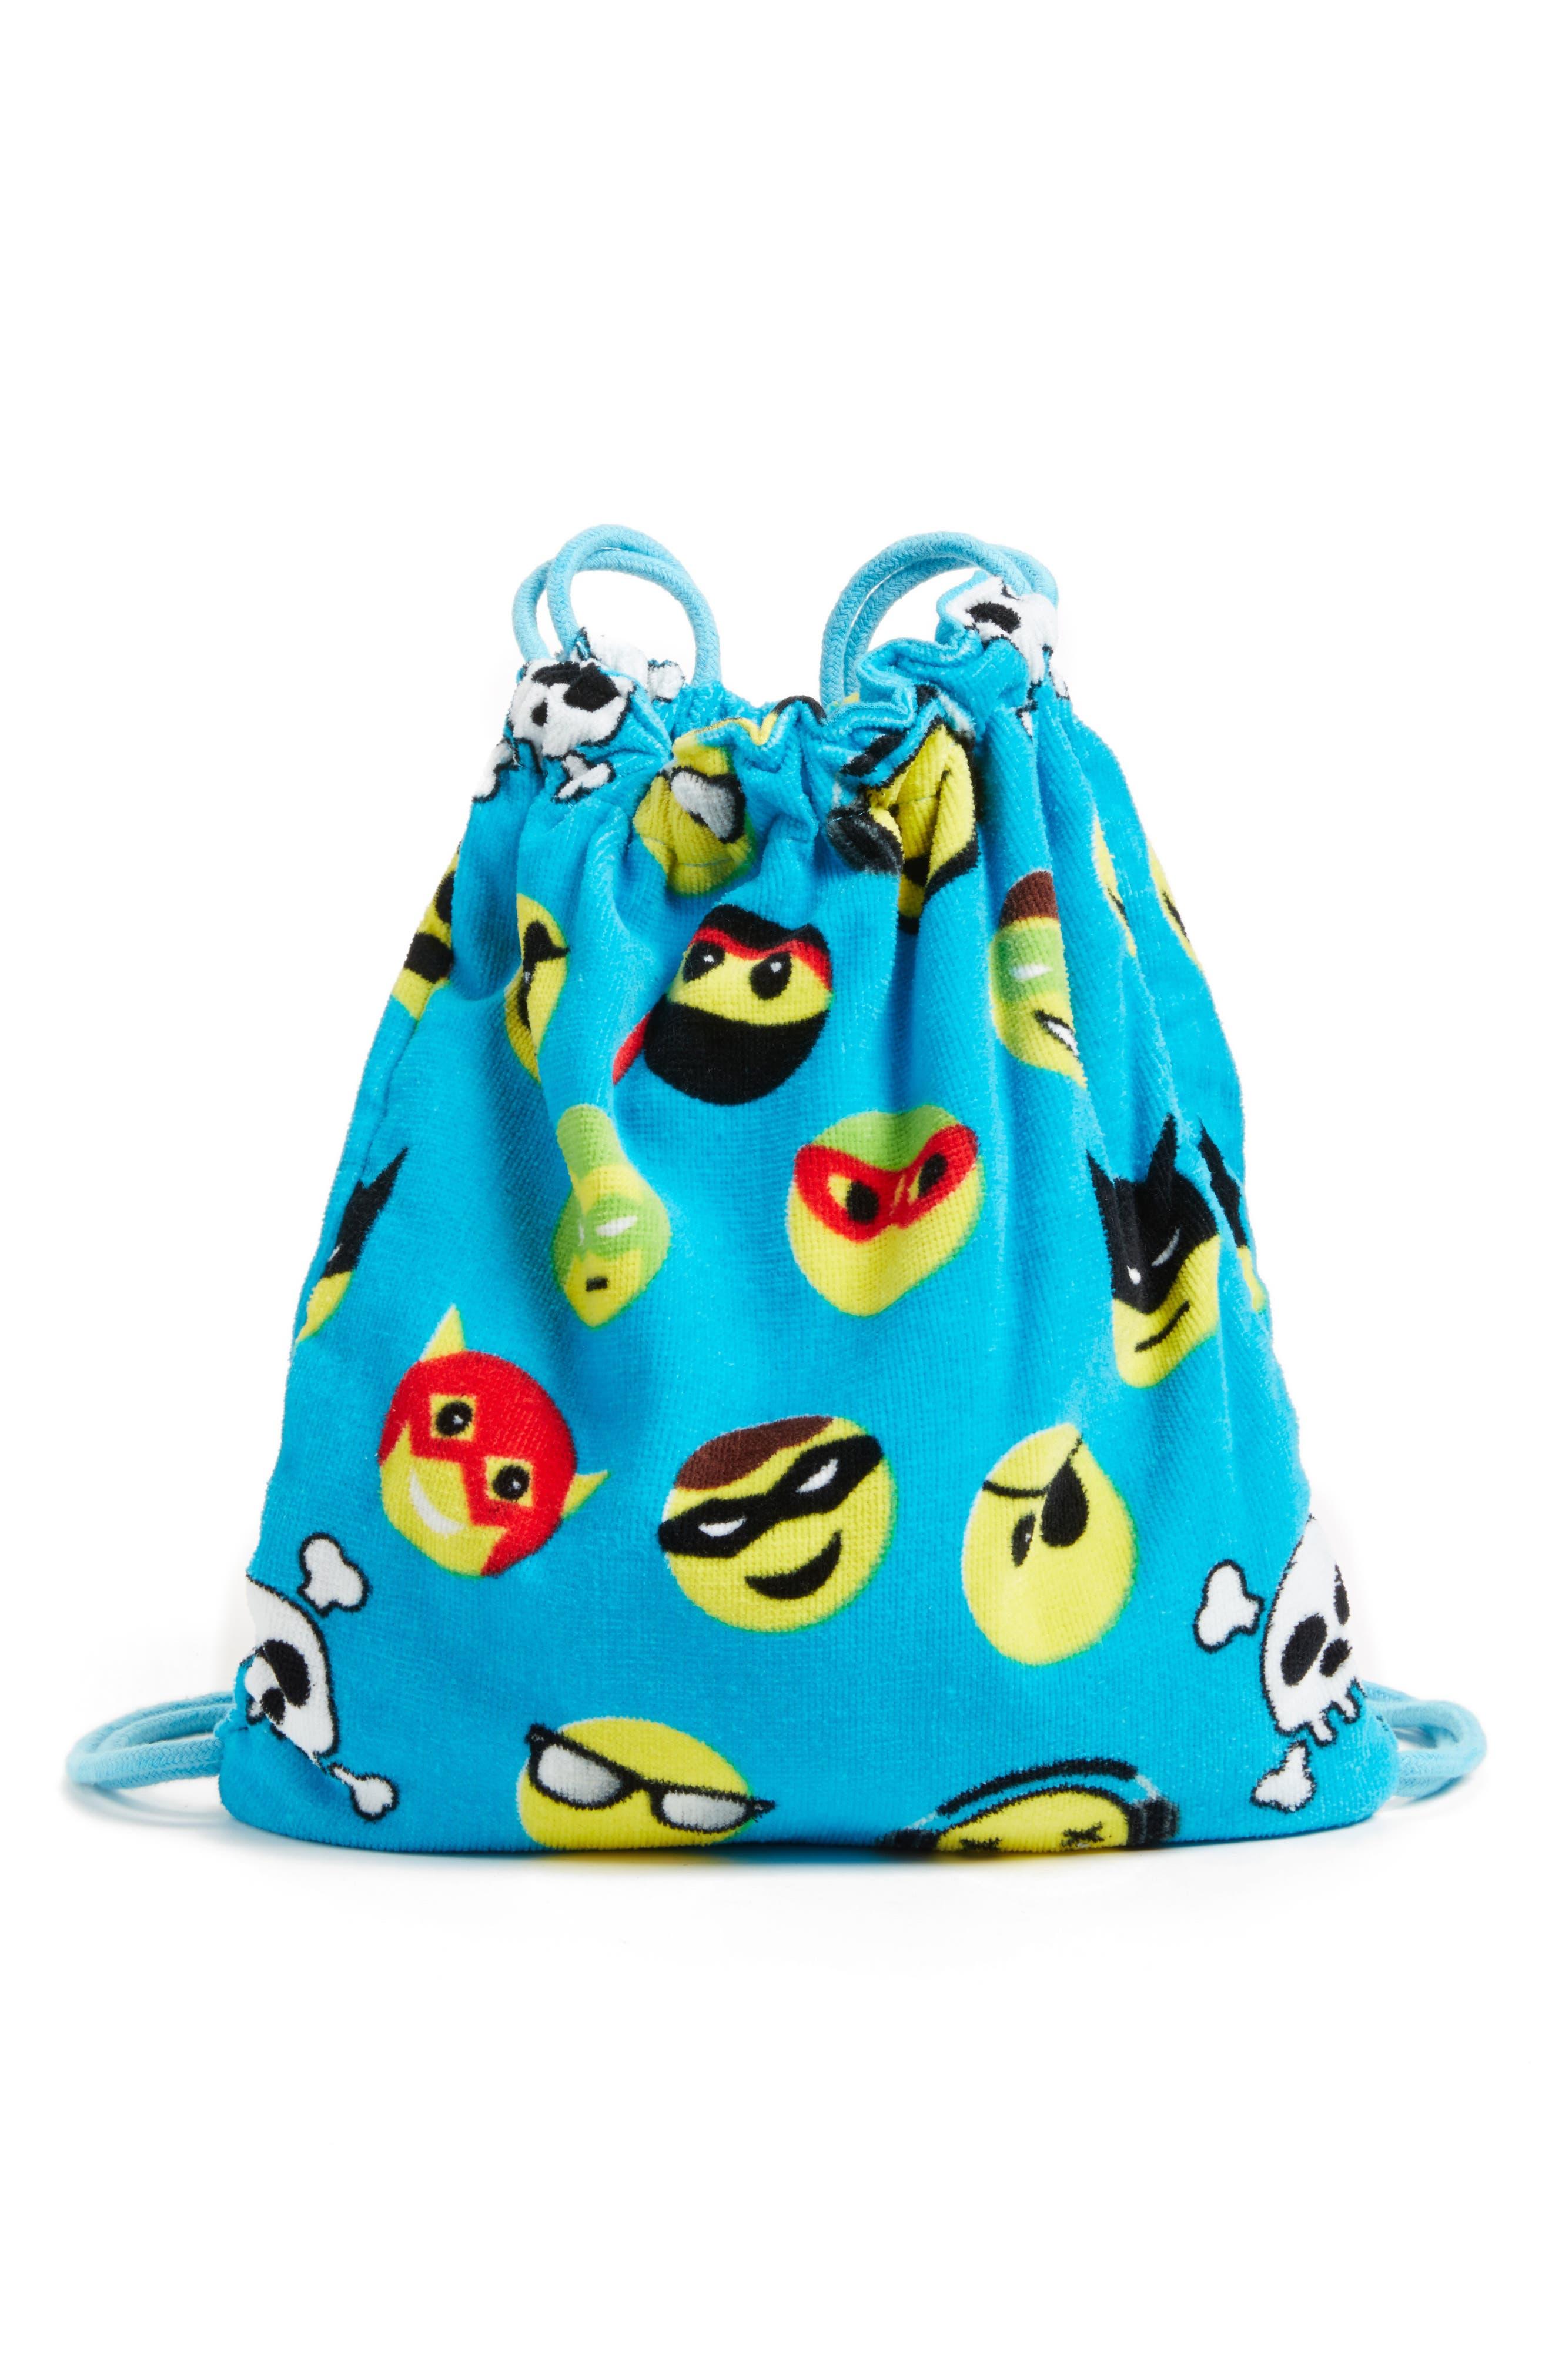 Emoji Towel Drawstring Bag,                         Main,                         color, 401